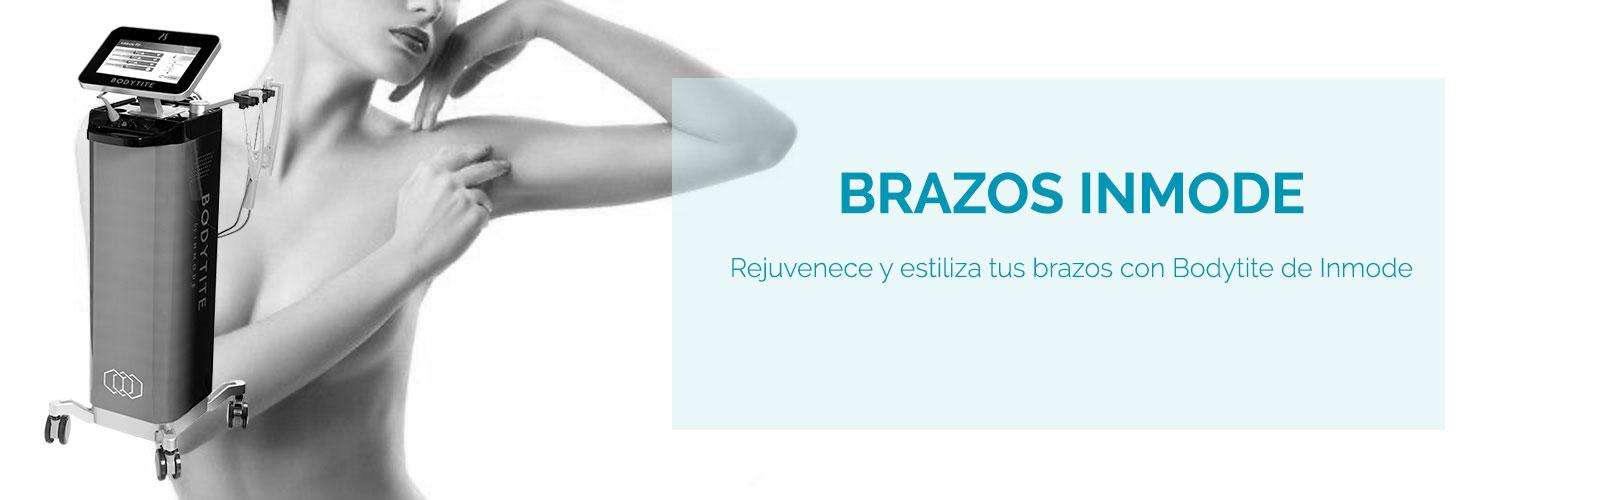 BRAZOS INMODE